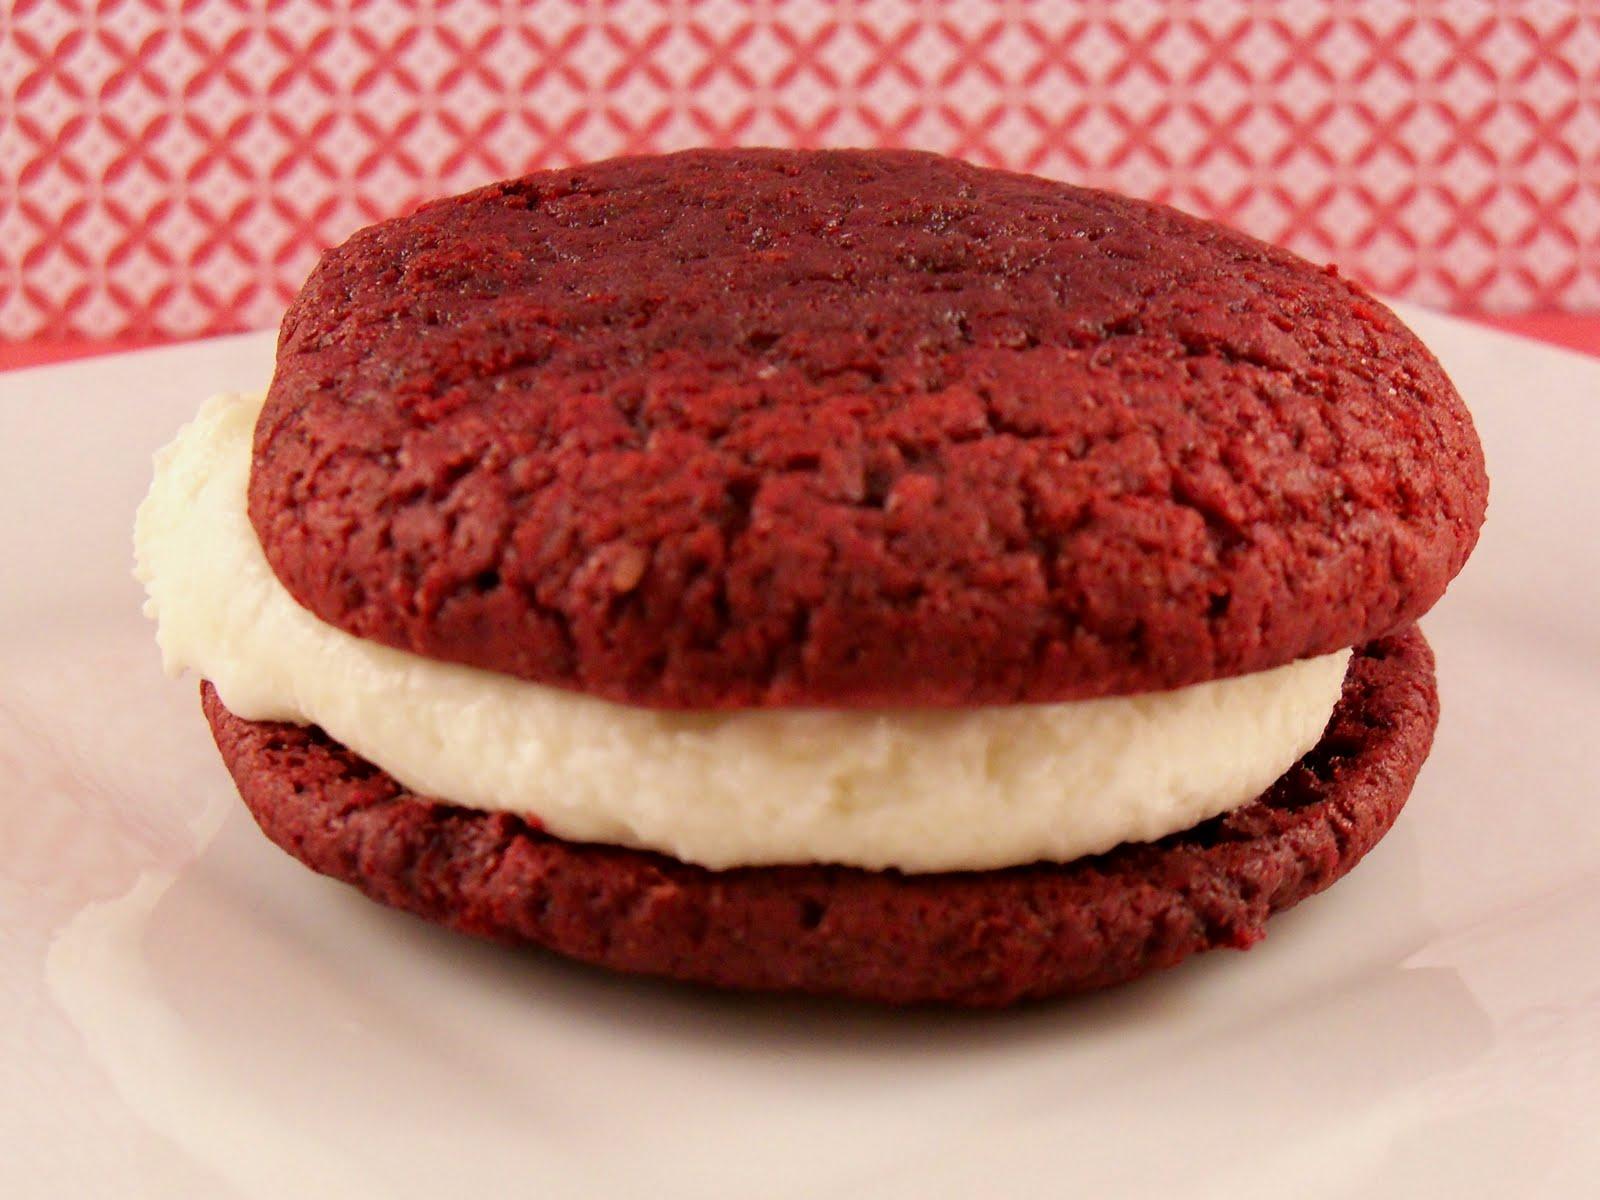 fiddello: Red Velvet Moon Pies